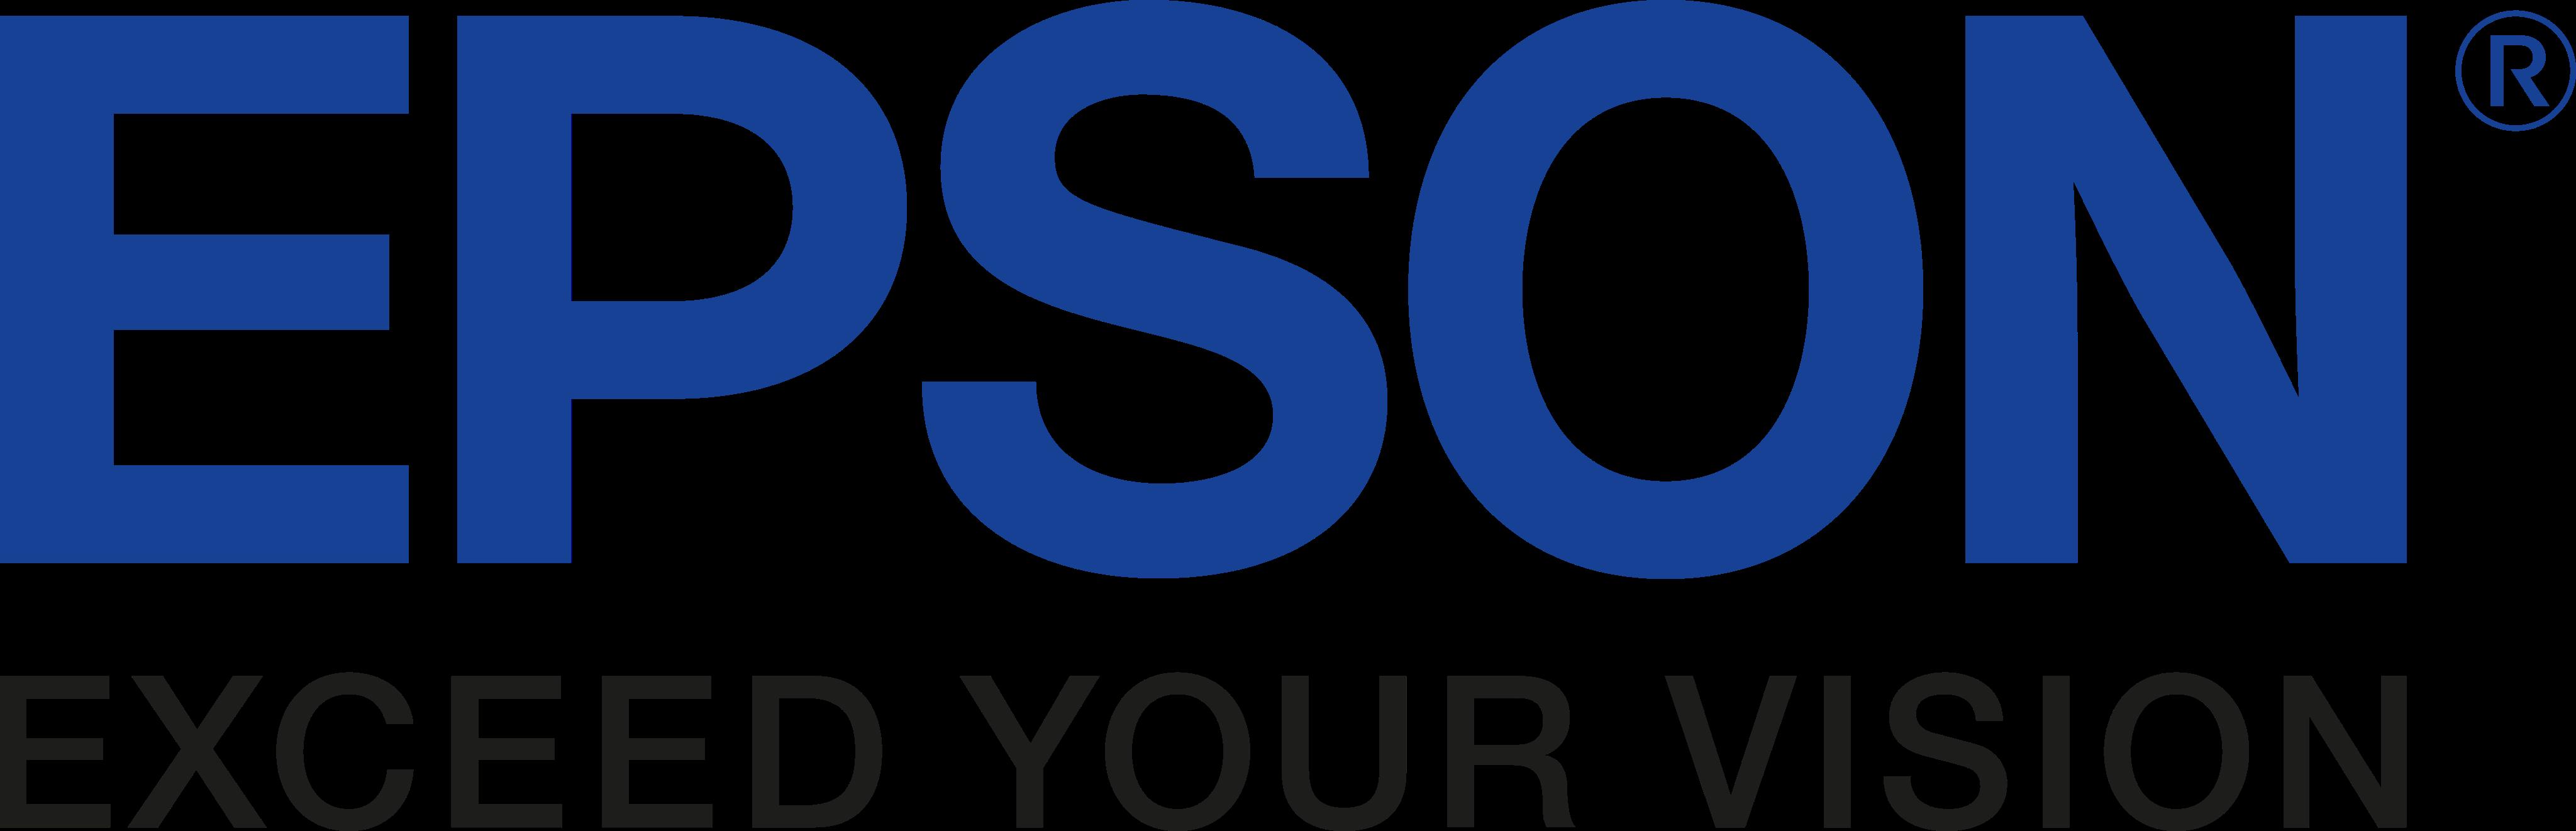 epson logo 1 1 - Epson Logo